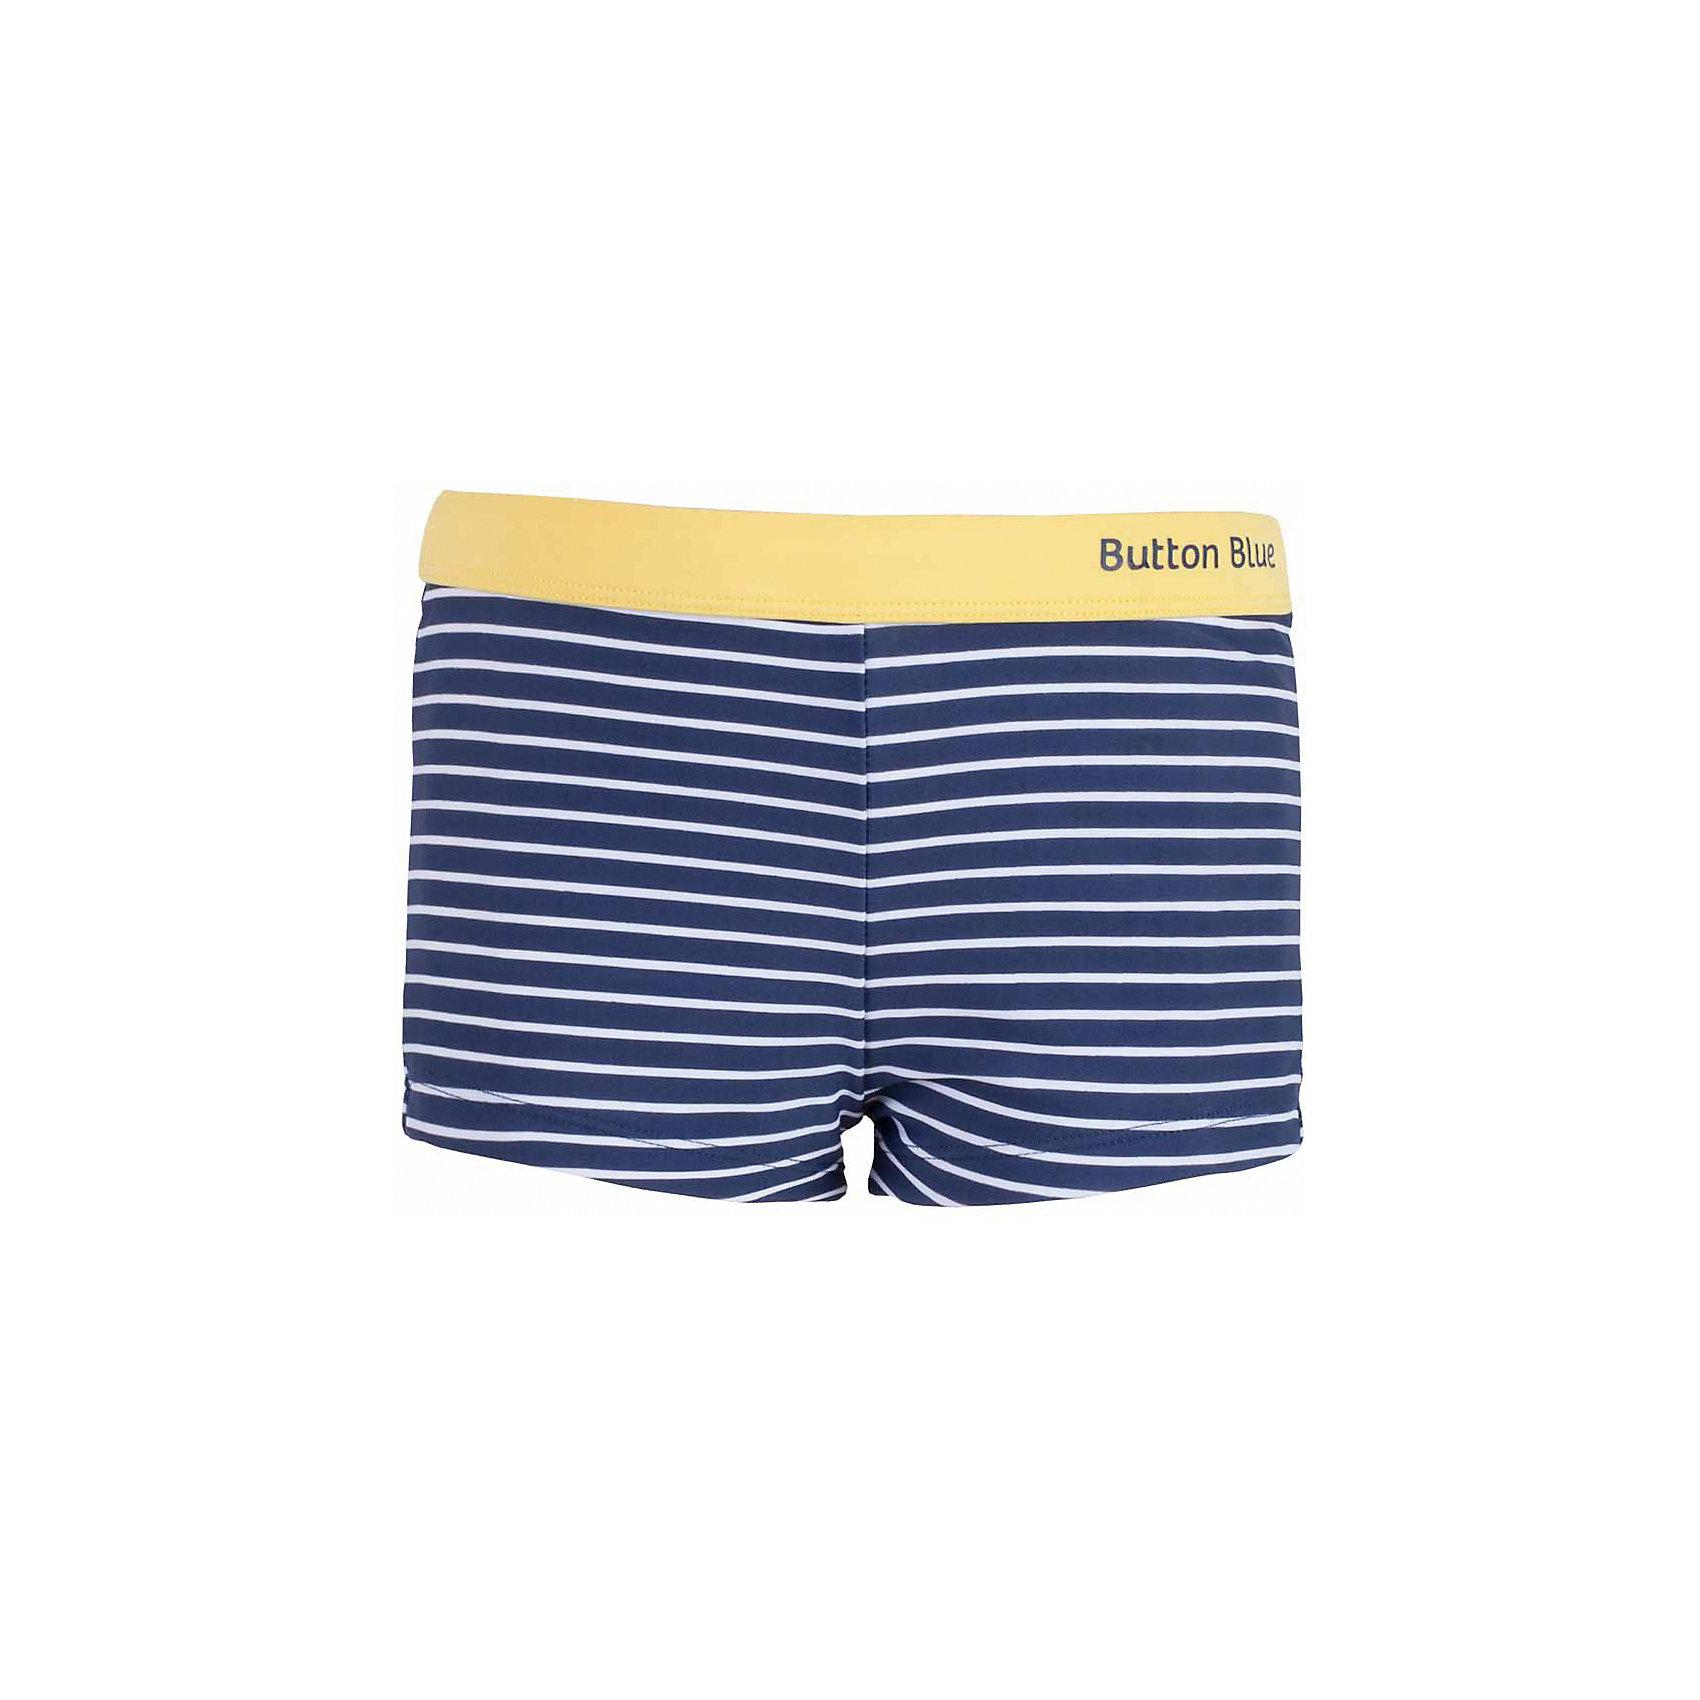 Плавки для мальчика BUTTON BLUEПлавки для мальчика BUTTON BLUE<br>Яркие полосатые плавки с контрастной отделкой подарят ребенку отличное настроение на весь пляжный сезон. Если вы решили купить красивые плавки недорого, выберете плавки от Button Blue. Они обеспечат ребенку комфорт, а вам - удовольствие от покупки.<br>Состав:<br>83% полиамид 17% эластан; подклад: 100% полиэстер<br><br>Ширина мм: 183<br>Глубина мм: 60<br>Высота мм: 135<br>Вес г: 119<br>Цвет: синий<br>Возраст от месяцев: 132<br>Возраст до месяцев: 144<br>Пол: Мужской<br>Возраст: Детский<br>Размер: 152,98,104,116,128,140<br>SKU: 5524750